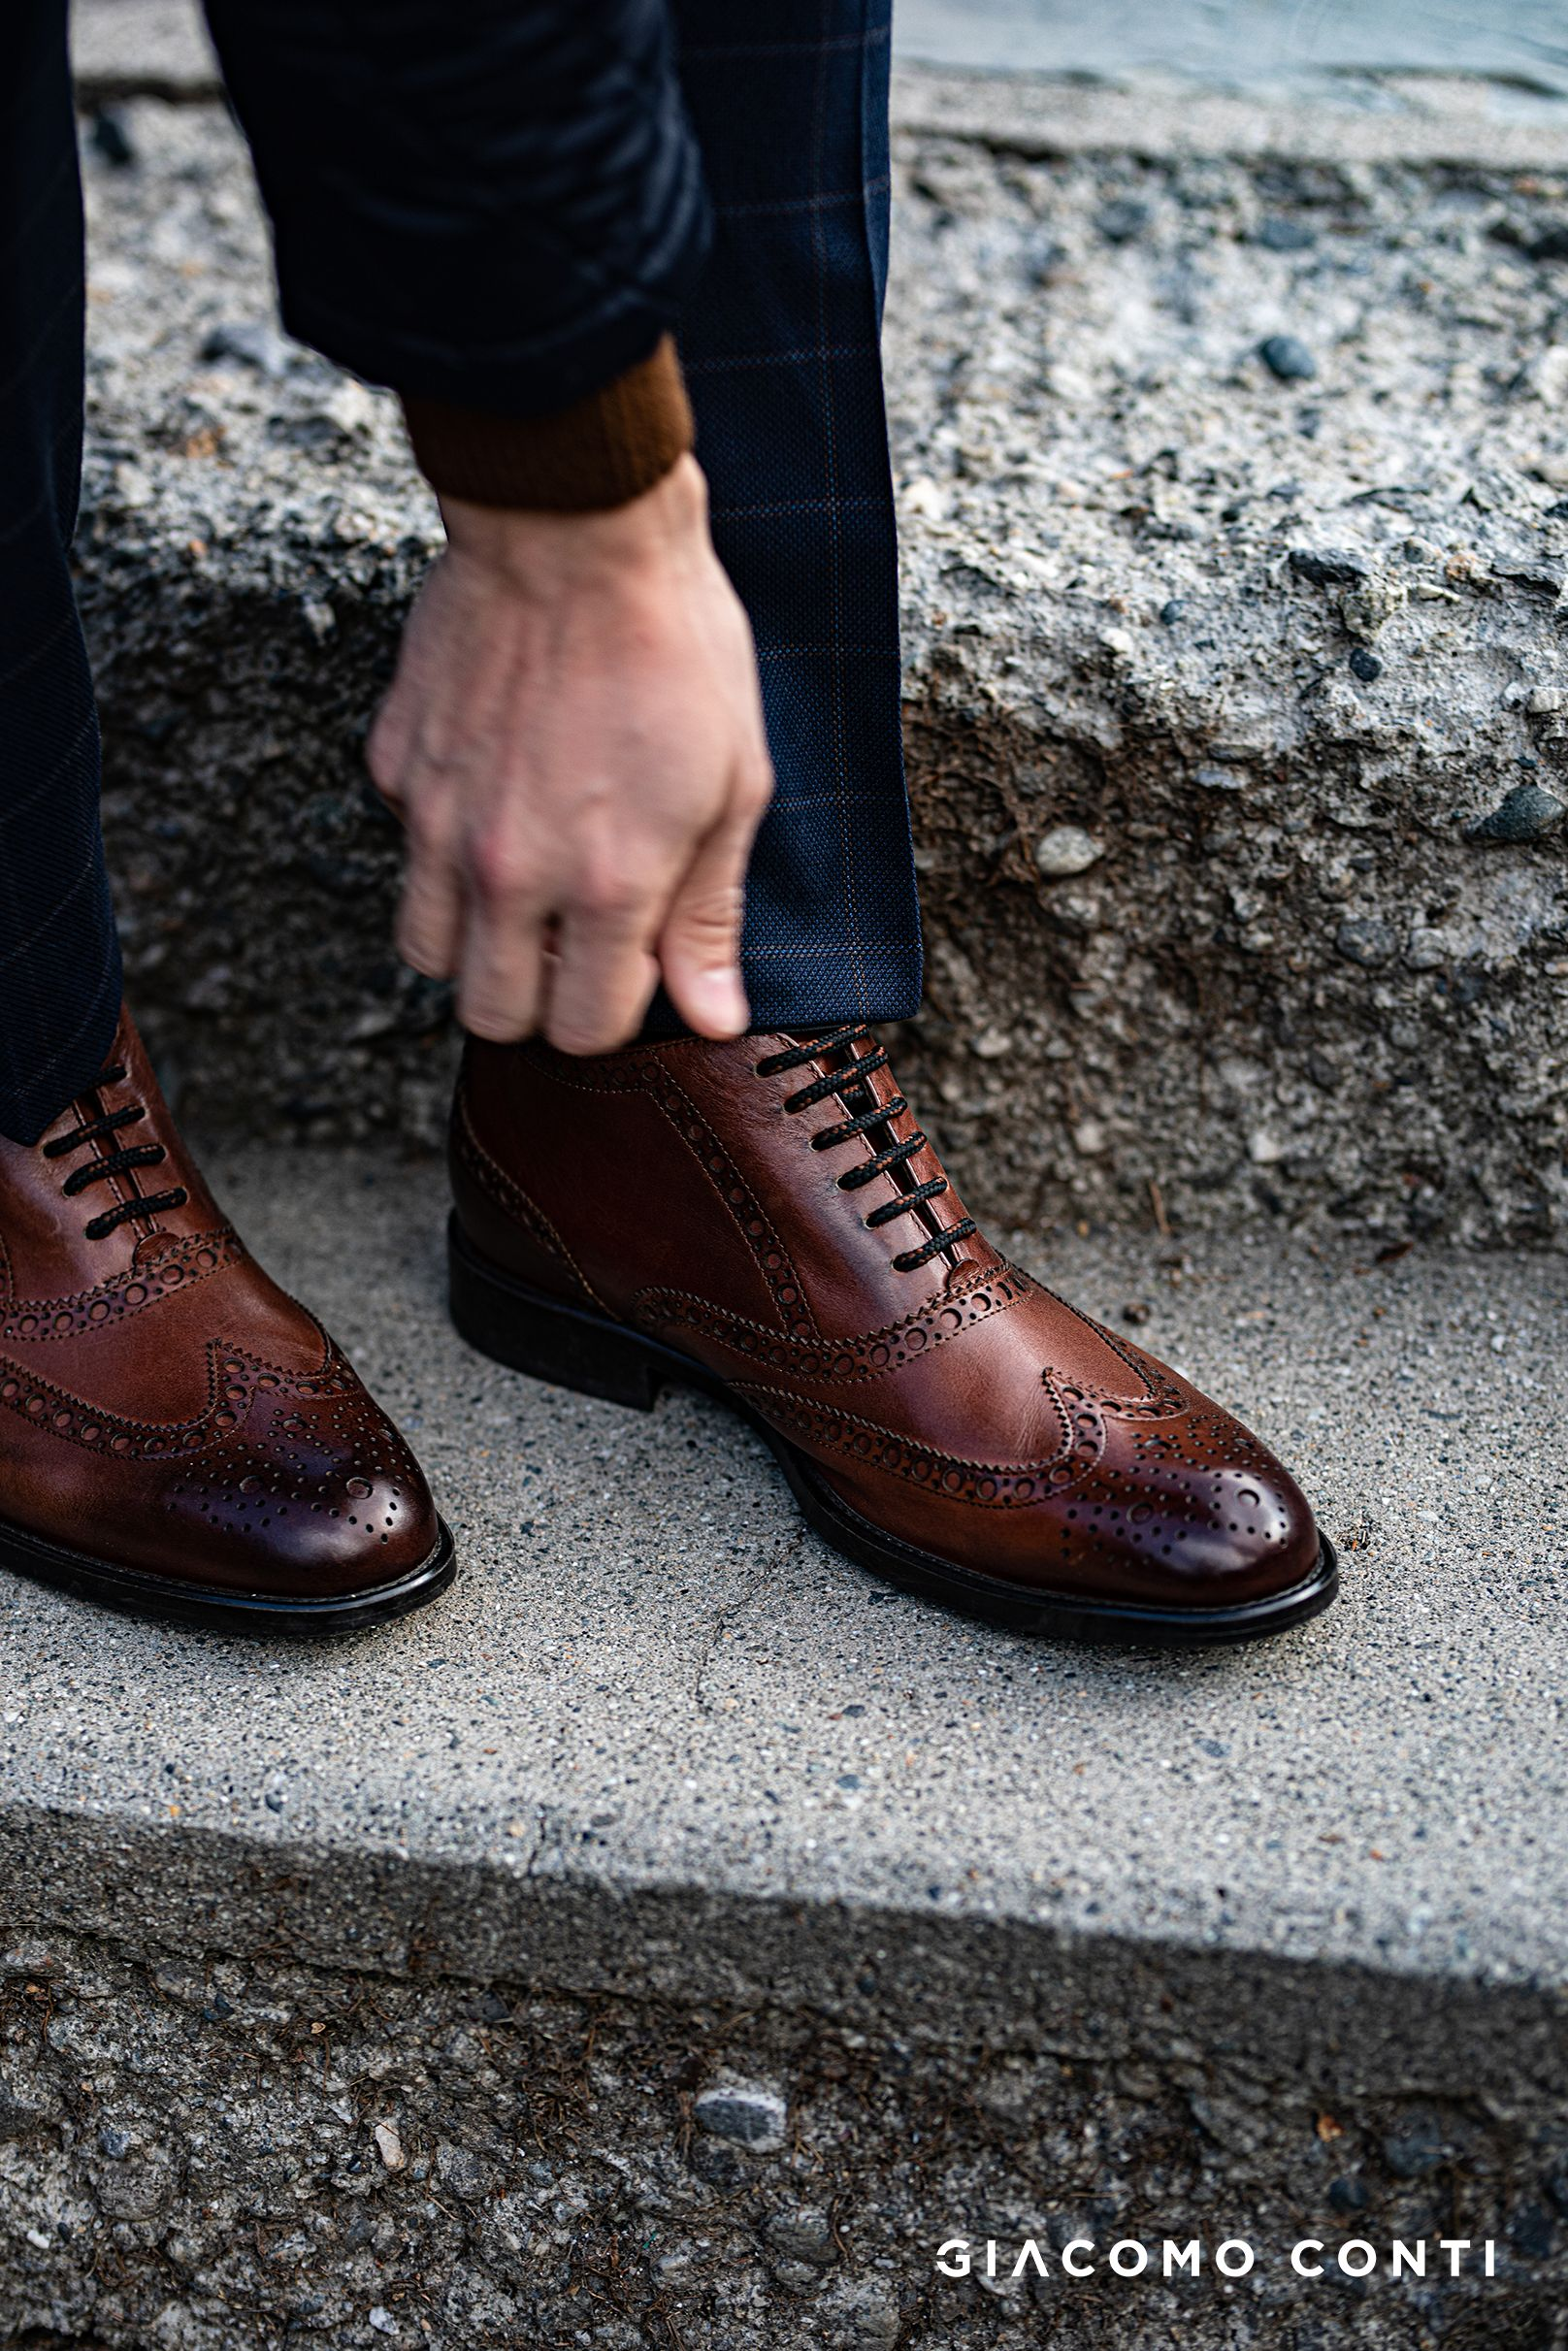 Brazowe Buty Z Ozdobnymi Detalami Giacomo Conti Dress Shoes Men Dress Shoes Men Dress